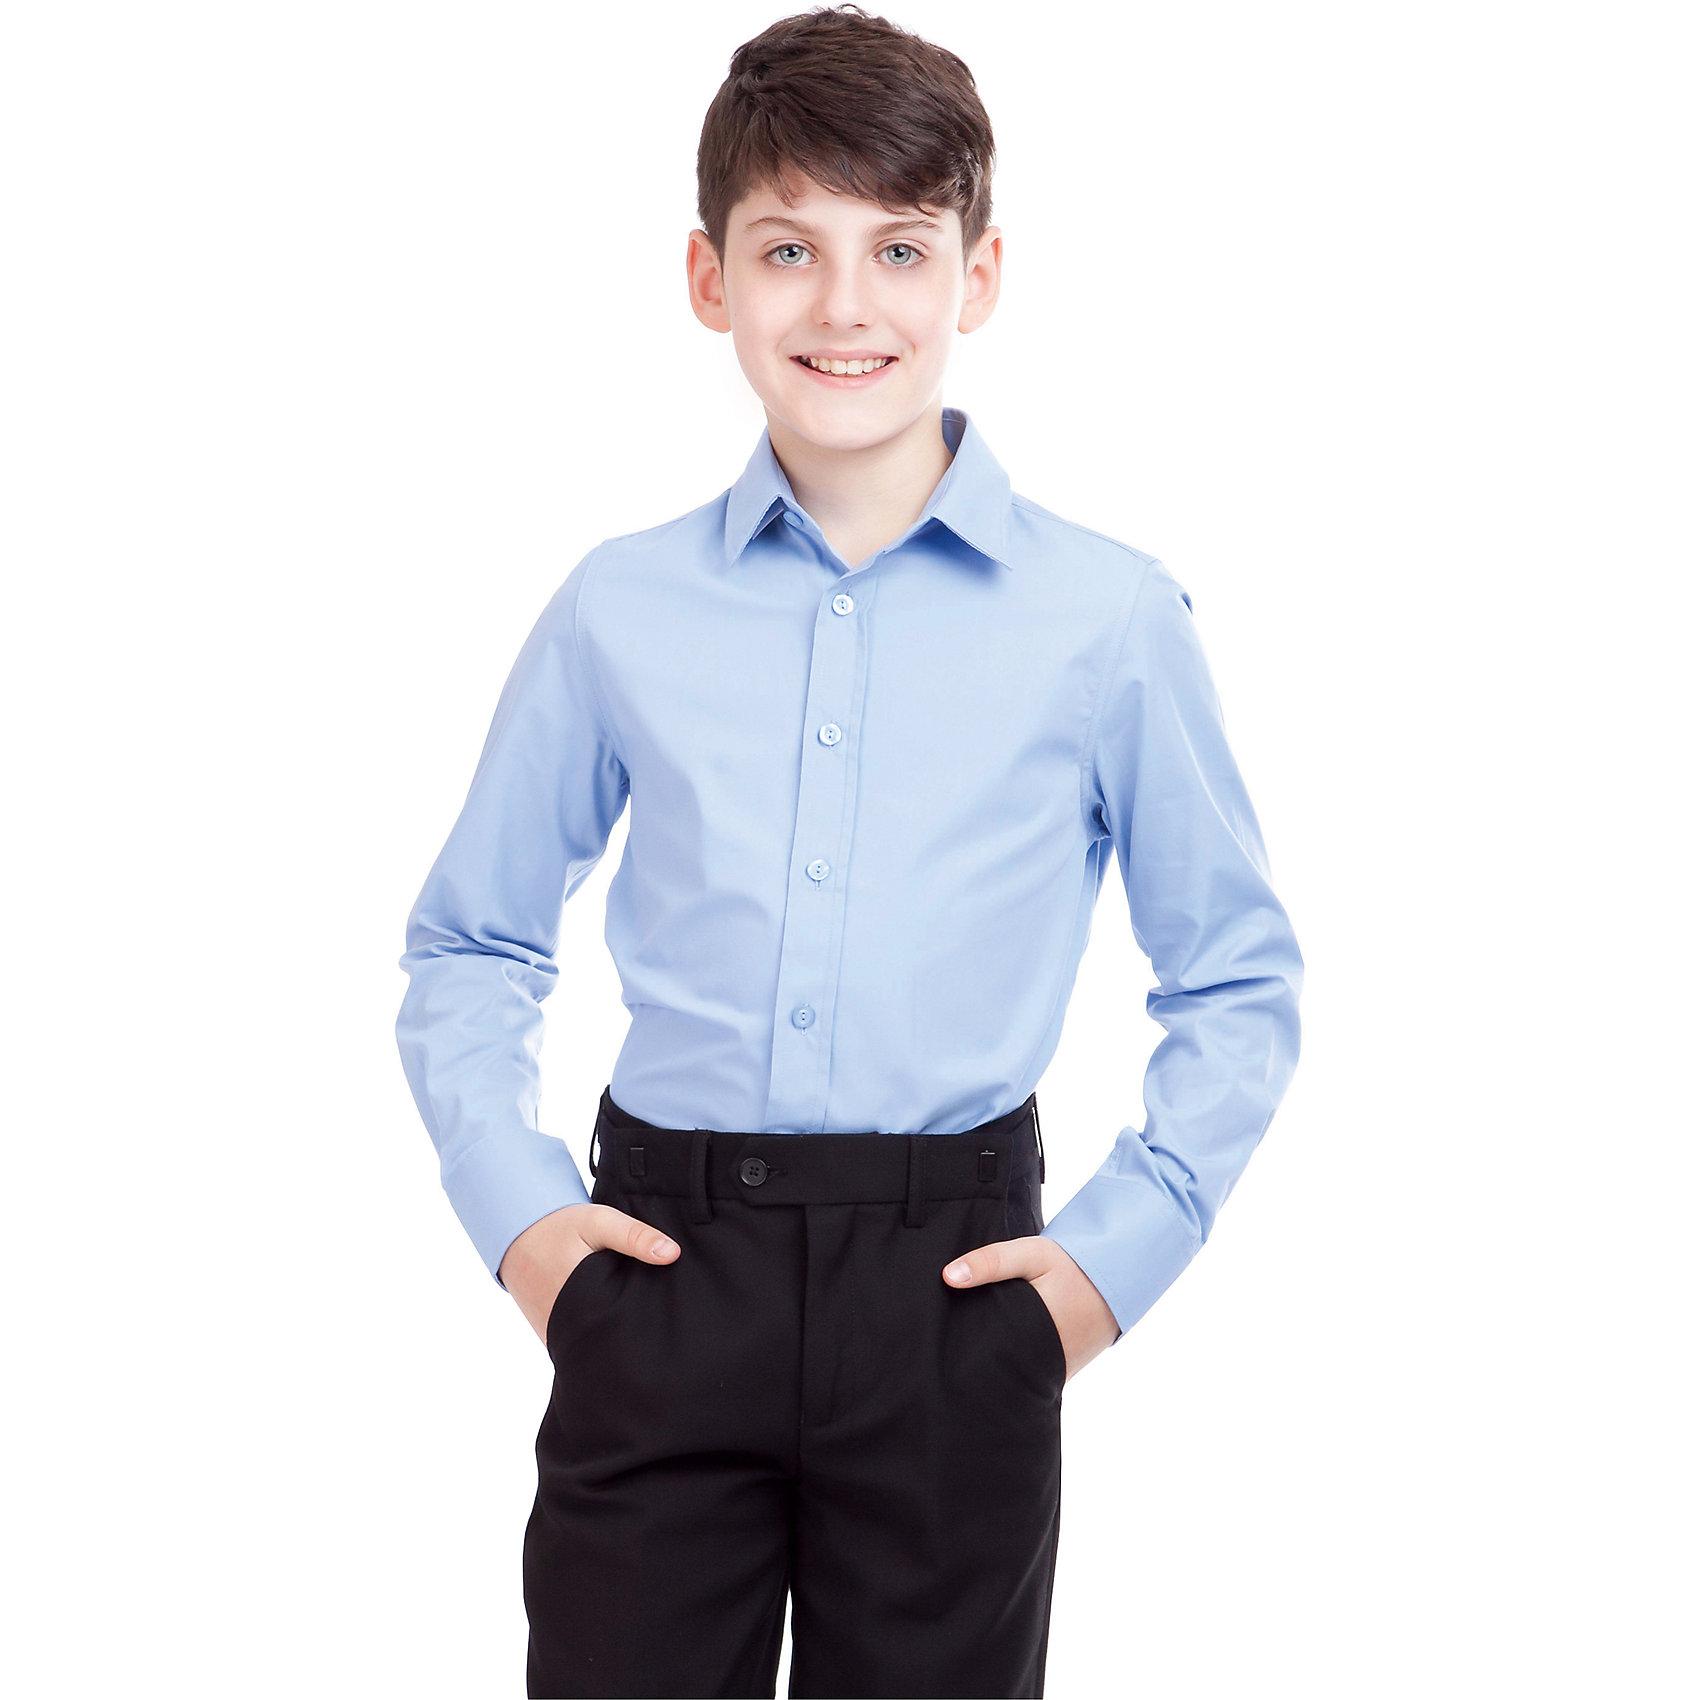 Рубашка для мальчика GulliverРубашка для мальчика от российского бренда Gulliver.<br>Классическая голубая рубашка - достойное дополнение к строгому школьному костюму. Ребенок в ней  - настоящий мужчина,  с серьезным и ответственным подходом к делу.  Современный крой обеспечивает прекрасную посадку изделия на фигуре.<br>Состав:<br>80%Хлопок 20%Полиэстер<br><br>Ширина мм: 174<br>Глубина мм: 10<br>Высота мм: 169<br>Вес г: 157<br>Цвет: голубой<br>Возраст от месяцев: 108<br>Возраст до месяцев: 120<br>Пол: Мужской<br>Возраст: Детский<br>Размер: 140,164,158,152,134,122,146,128<br>SKU: 4174510